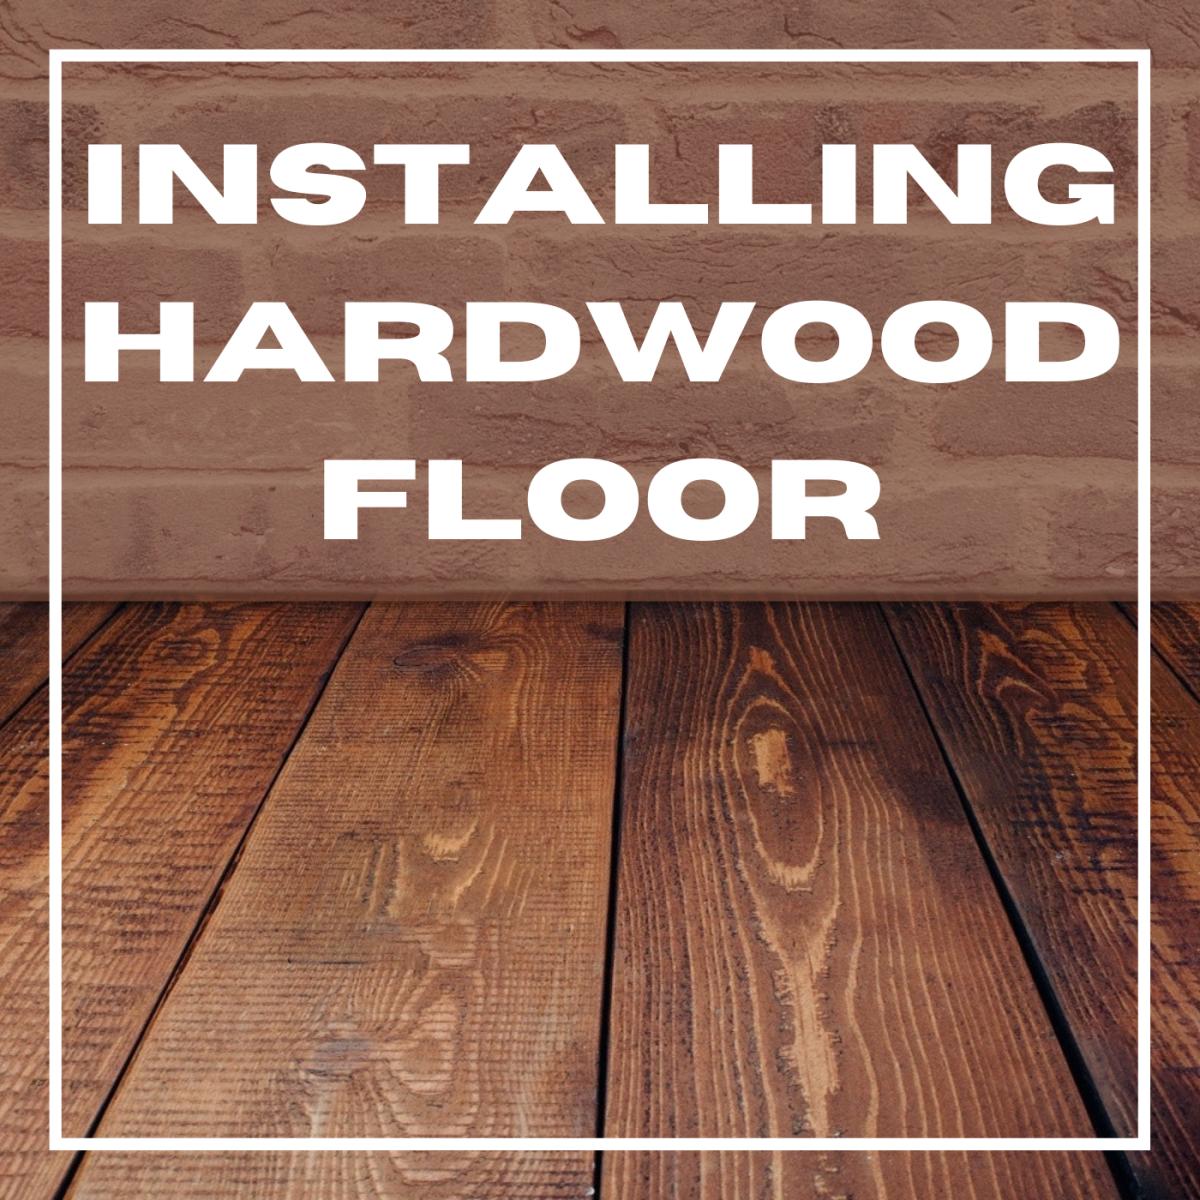 Installing hardwood floor.